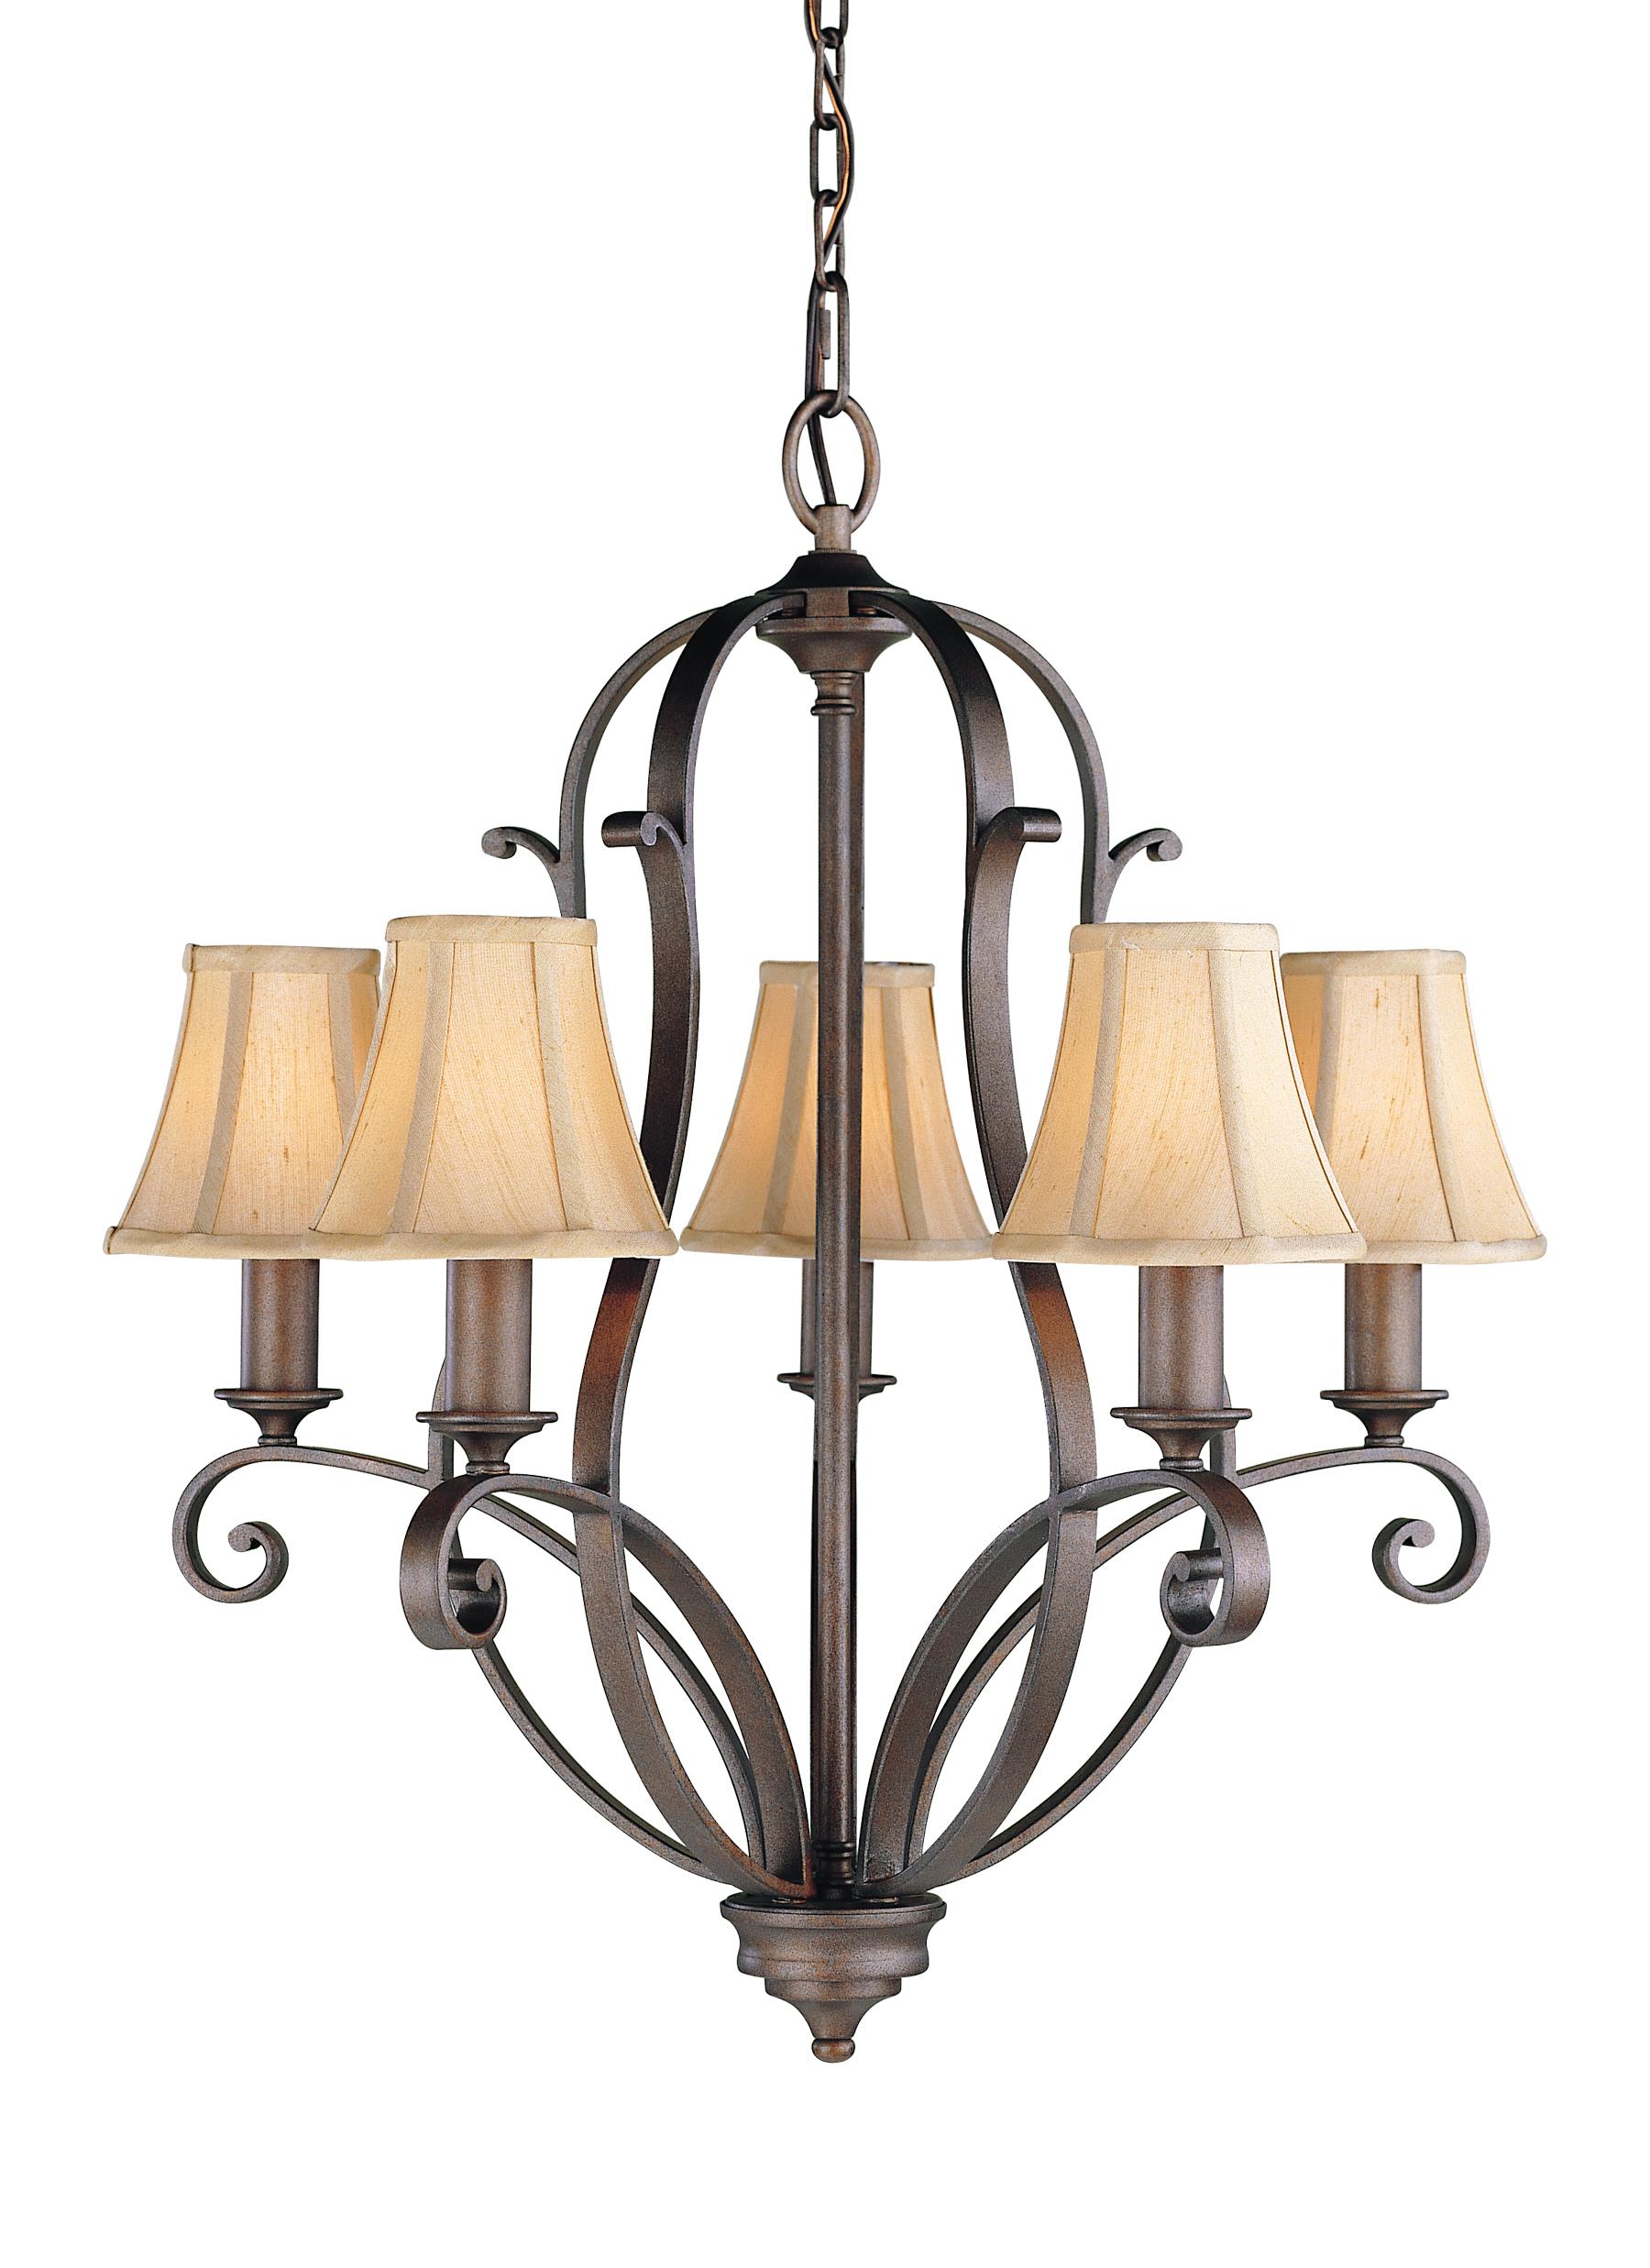 lighting fixture nongzi co zoom style tuscan pendant tuscany chandelier